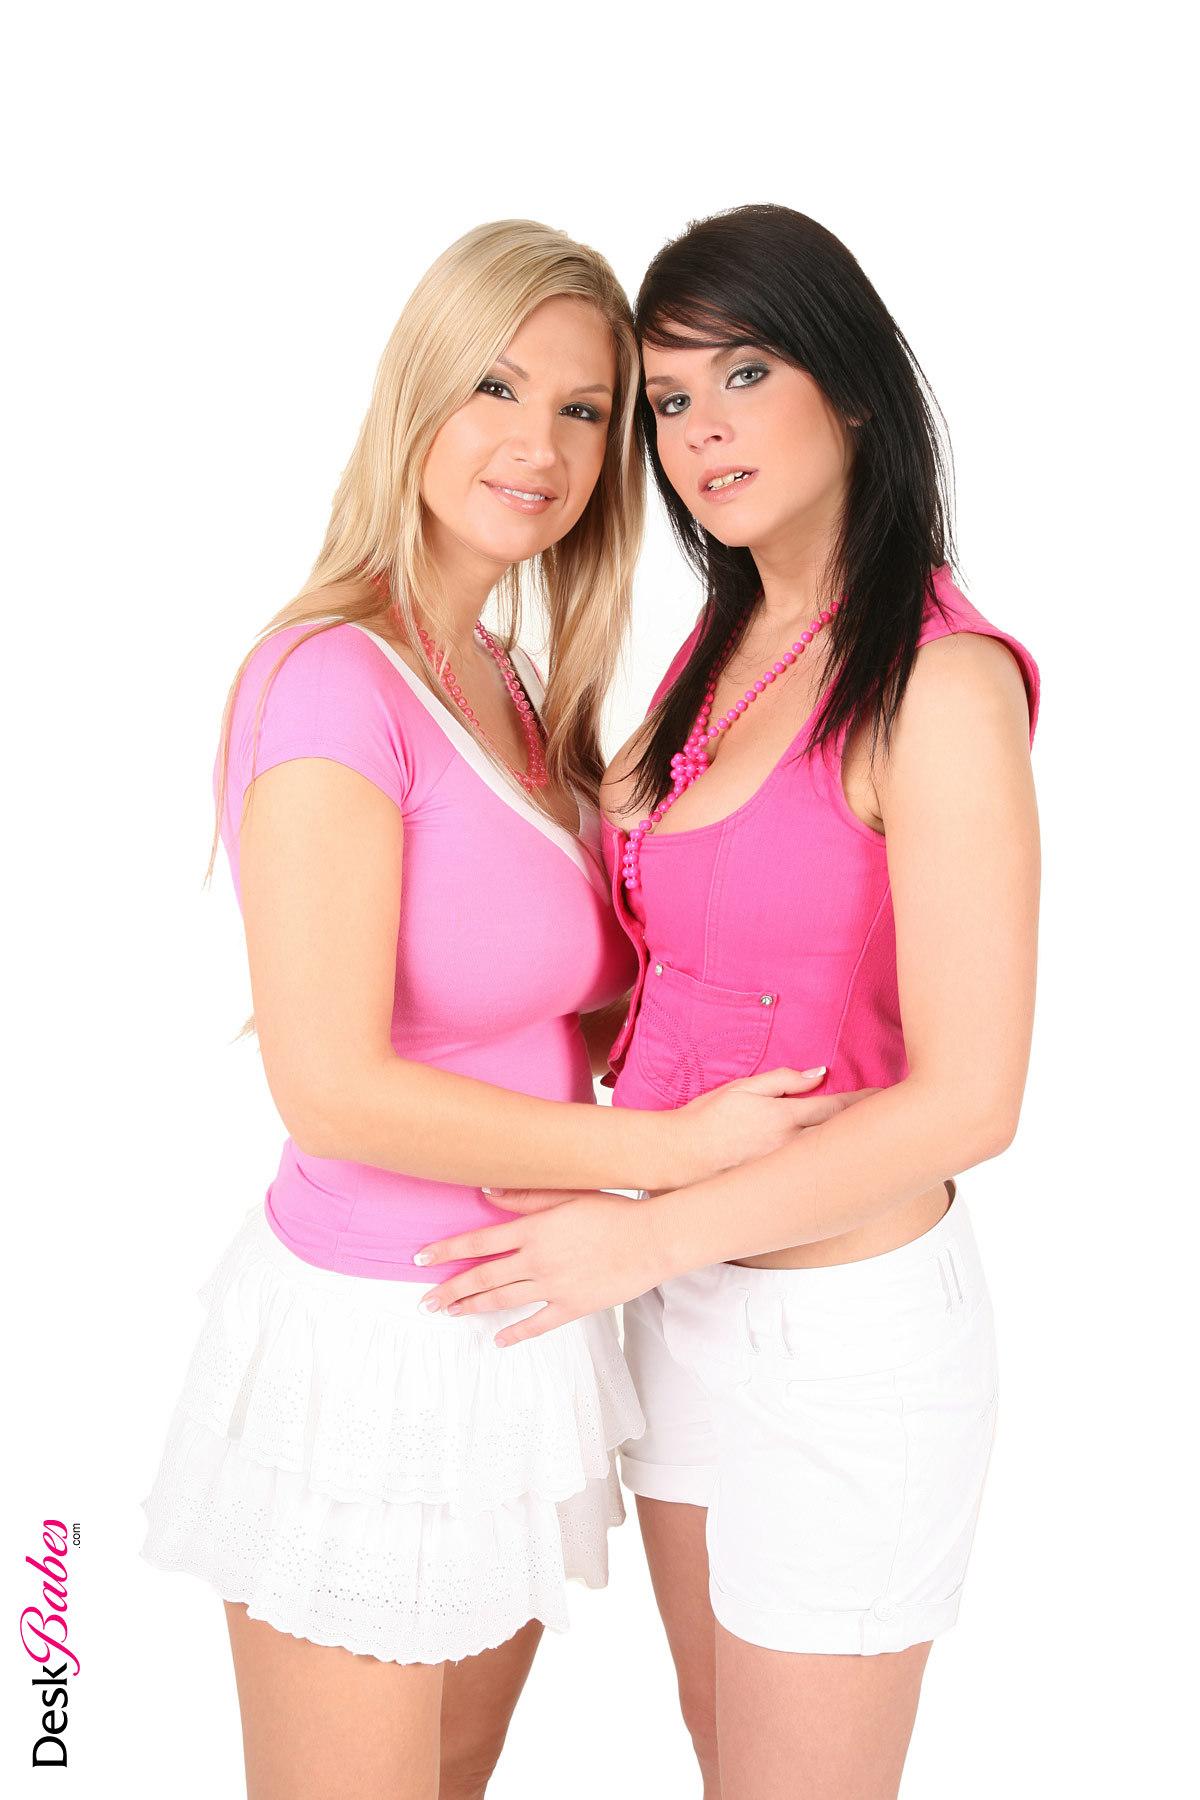 Carol G Amp Jordan Duo Deskbabes Girls